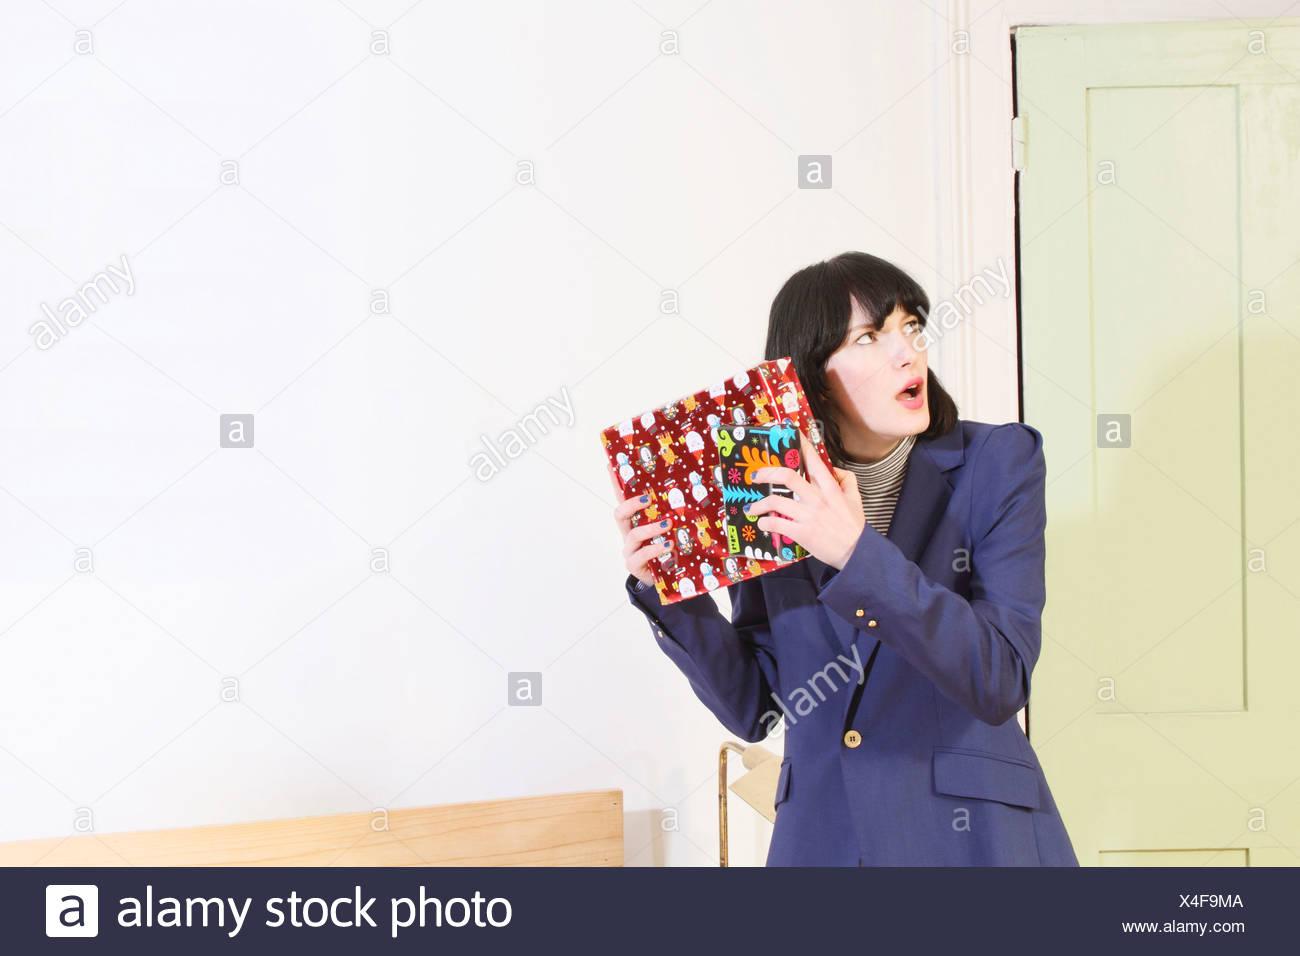 Frau schütteln Weihnachtsgeschenk Stockfoto, Bild: 278161418 - Alamy